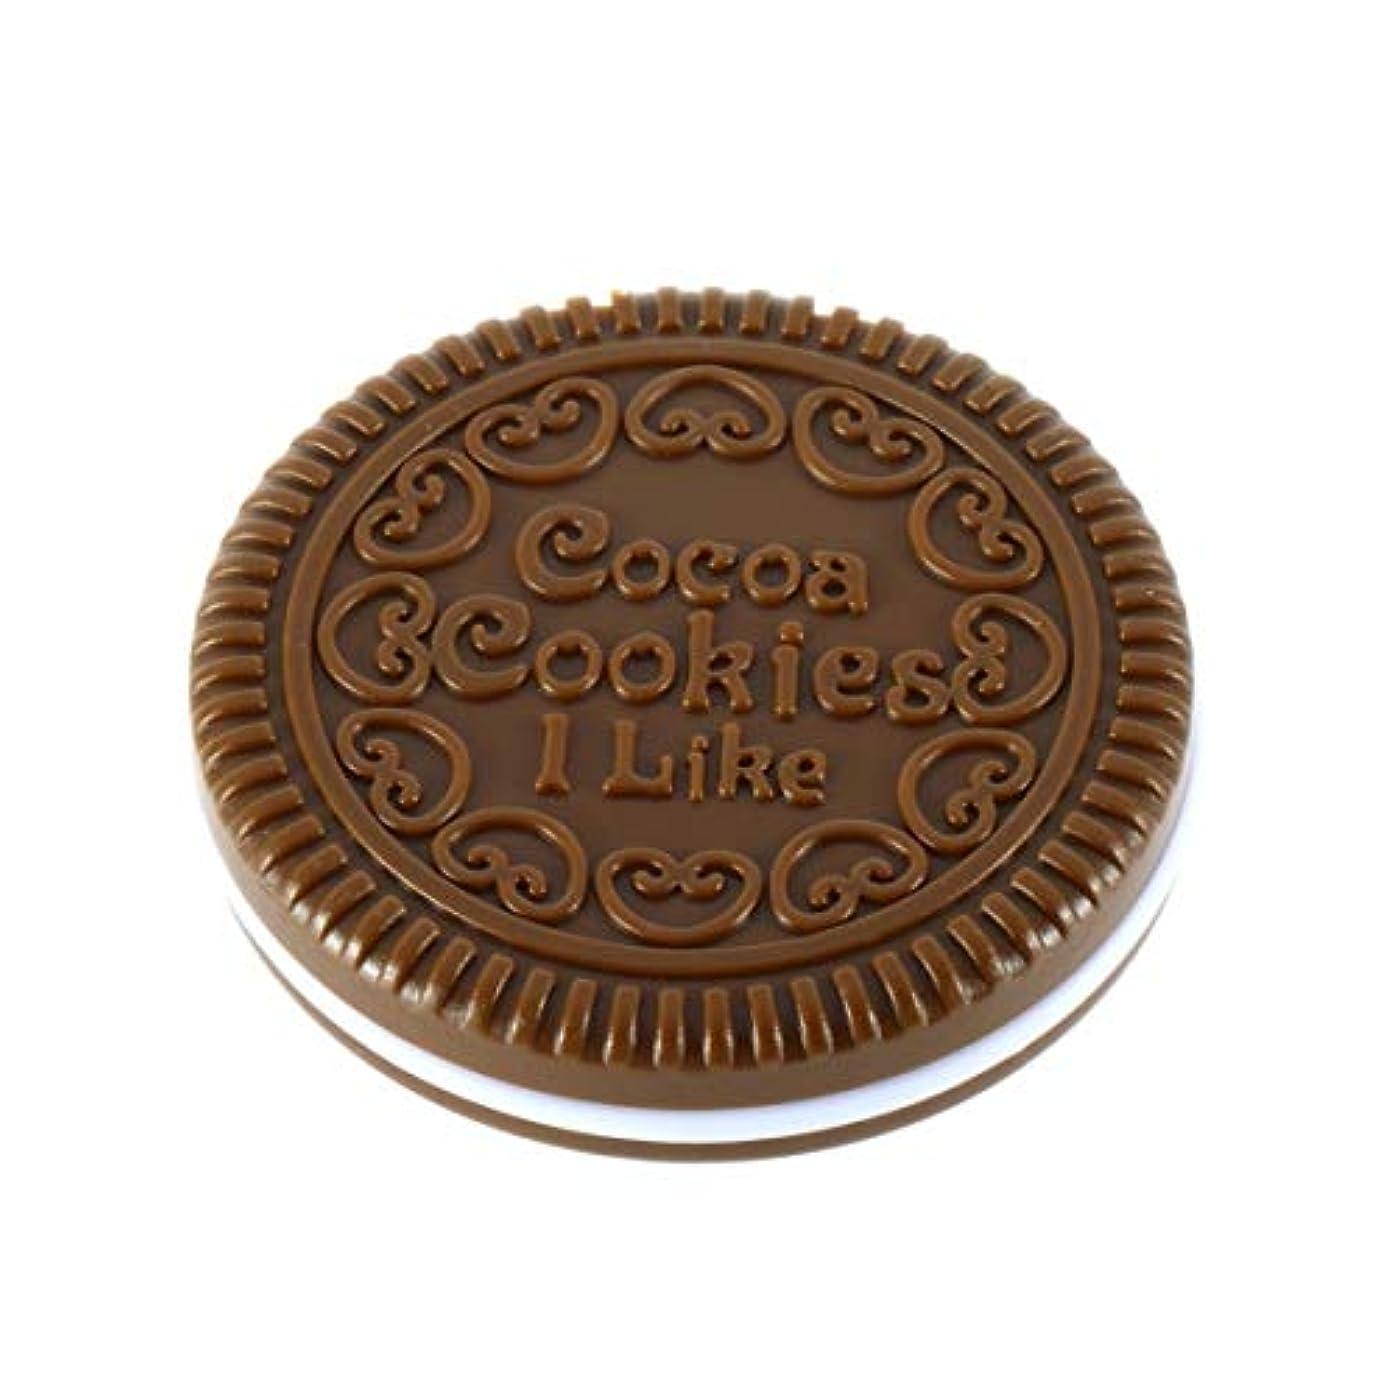 逃れるアラブ証書Intercoreyかわいい女の子チョコレートクッキーの形のデザイン化粧品ミラー化粧チョコレートくし